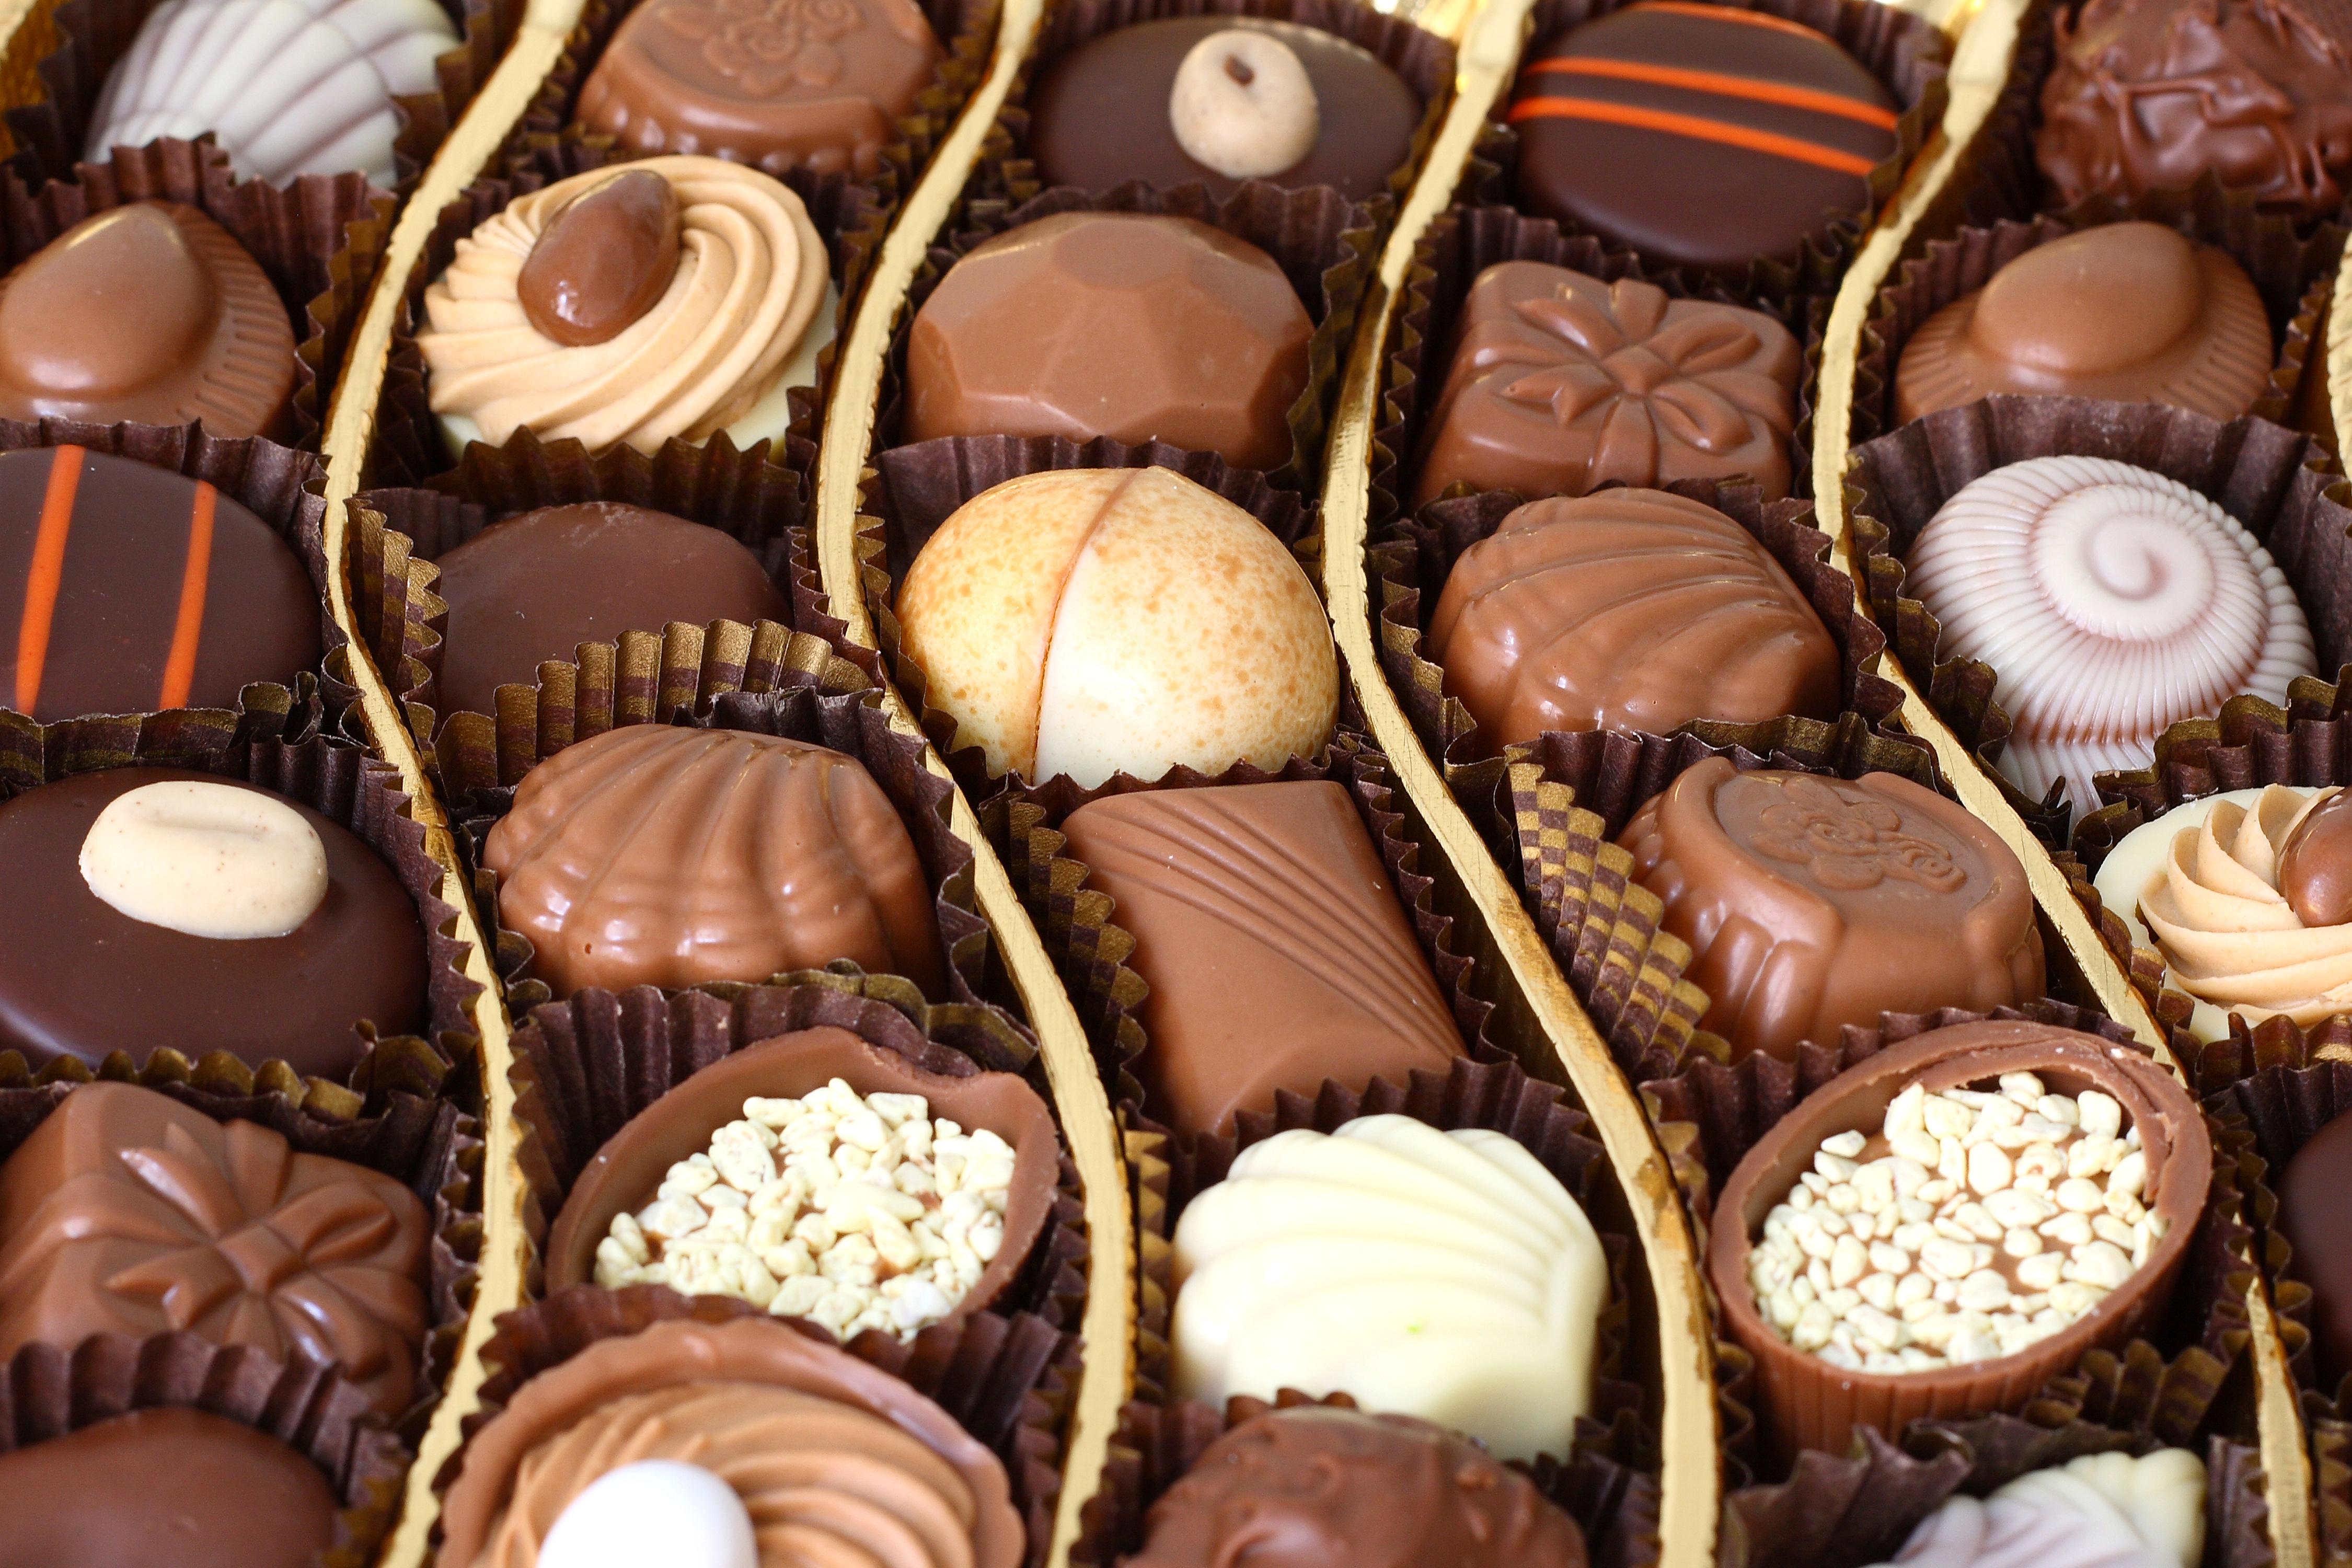 еда конфеты шоколад food candy chocolate загрузить